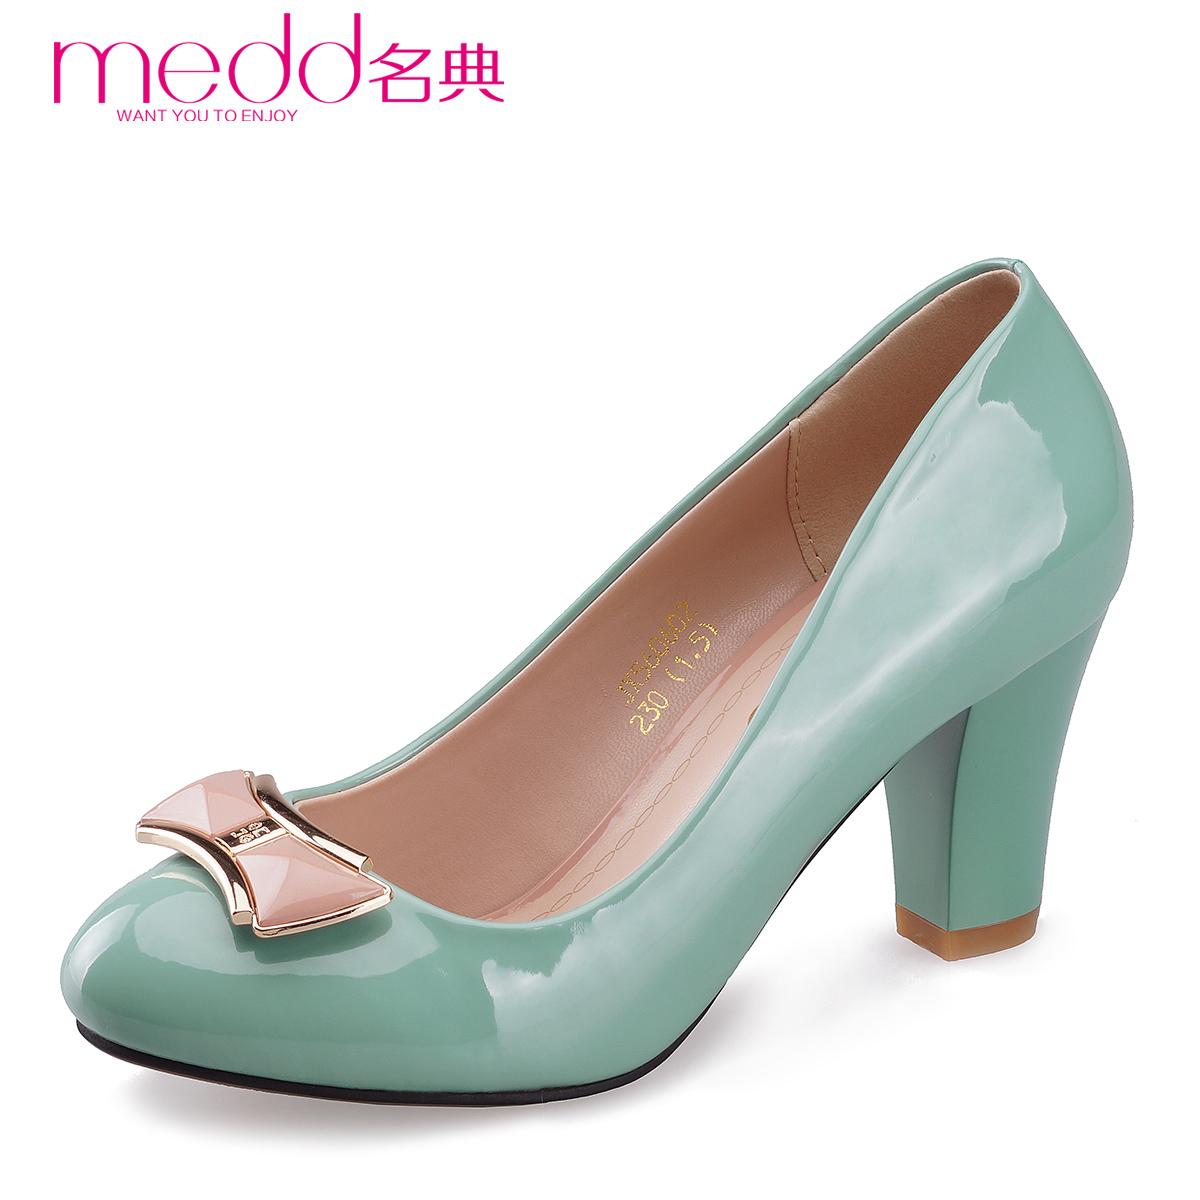 名典女鞋2014年春季新款女单鞋蝴蝶结职业粗跟高跟跟女单鞋560602